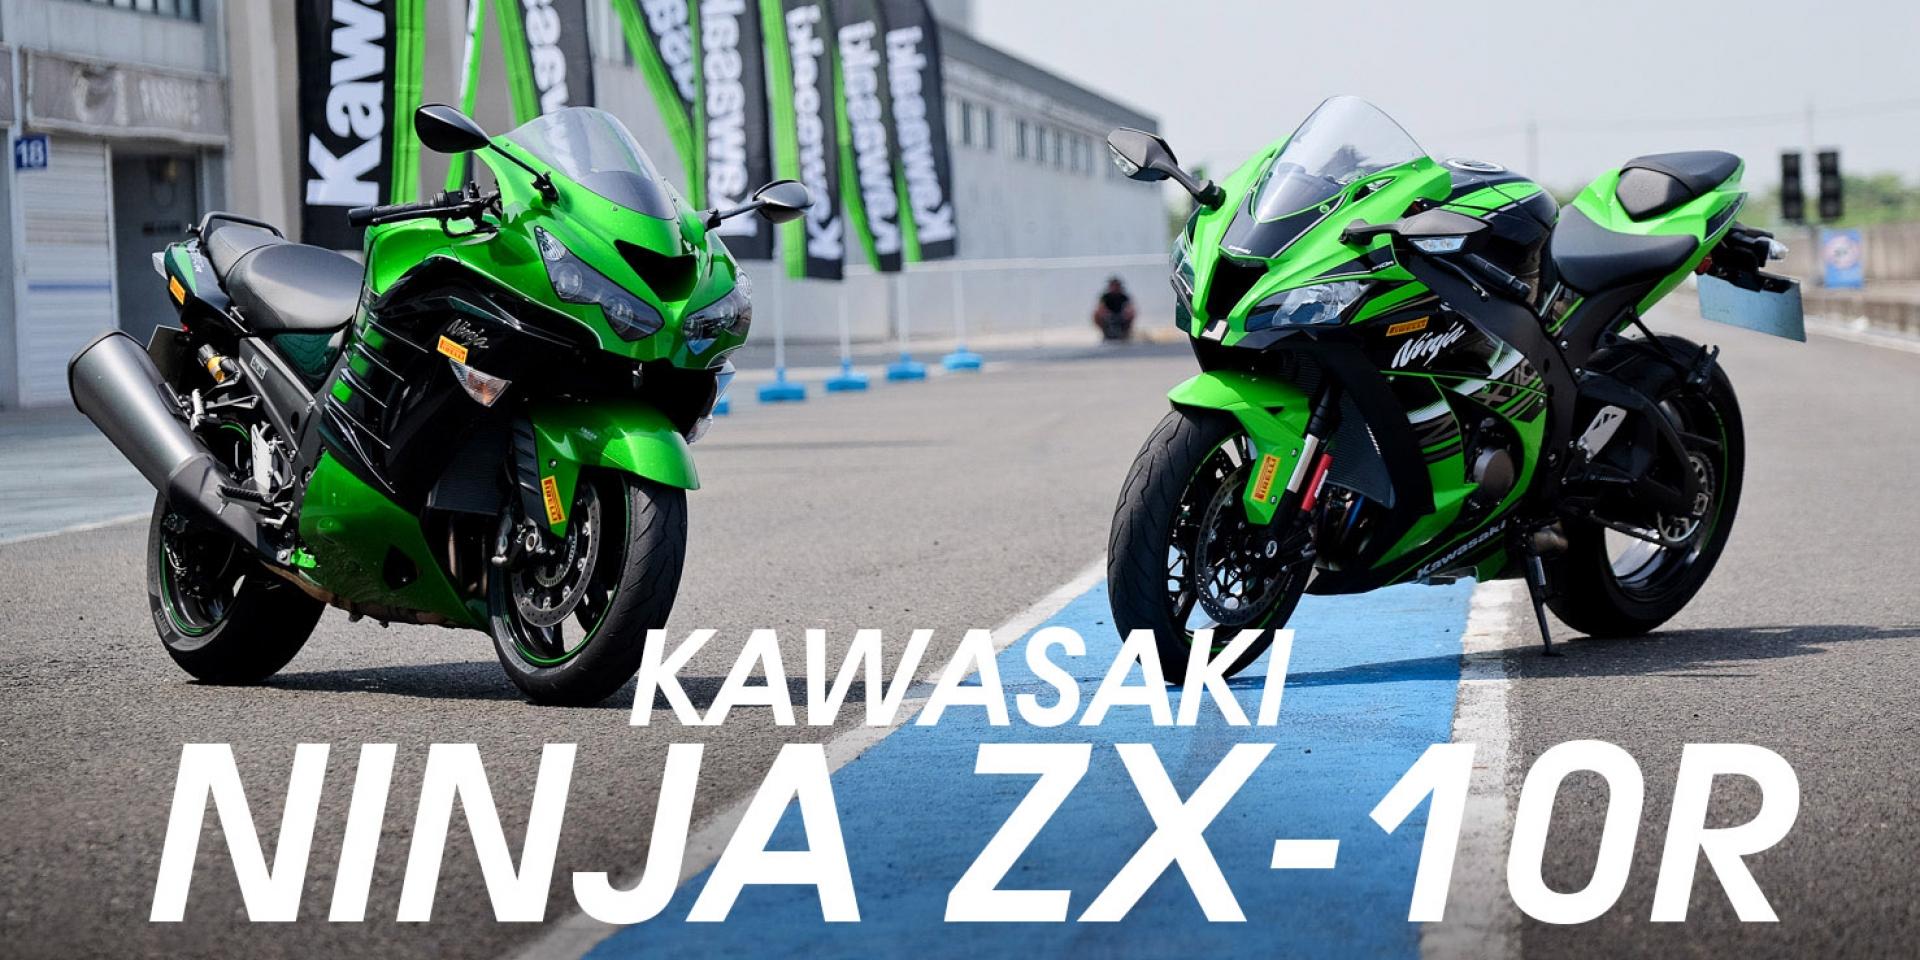 最強忍術入侵,2016 Kawasaki Ninja ZX-10R、Ninja ZX-14R台灣發表。試駕